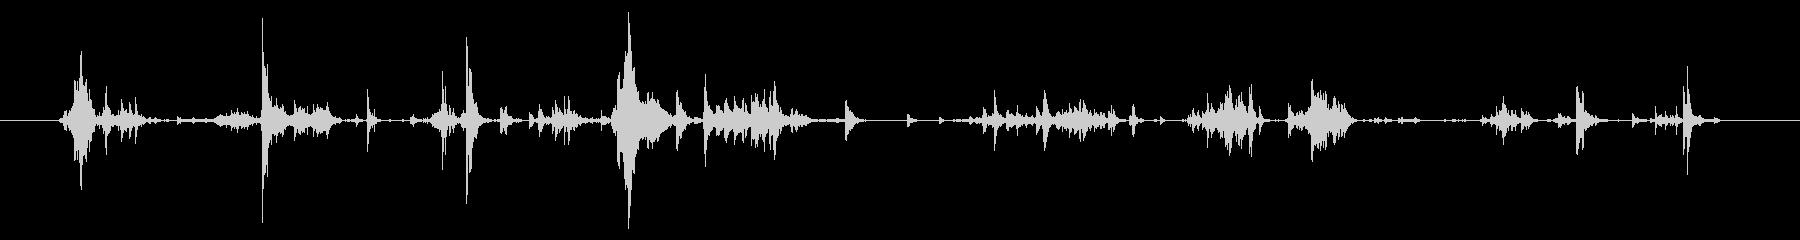 お金 コインビッグサーチ05の未再生の波形